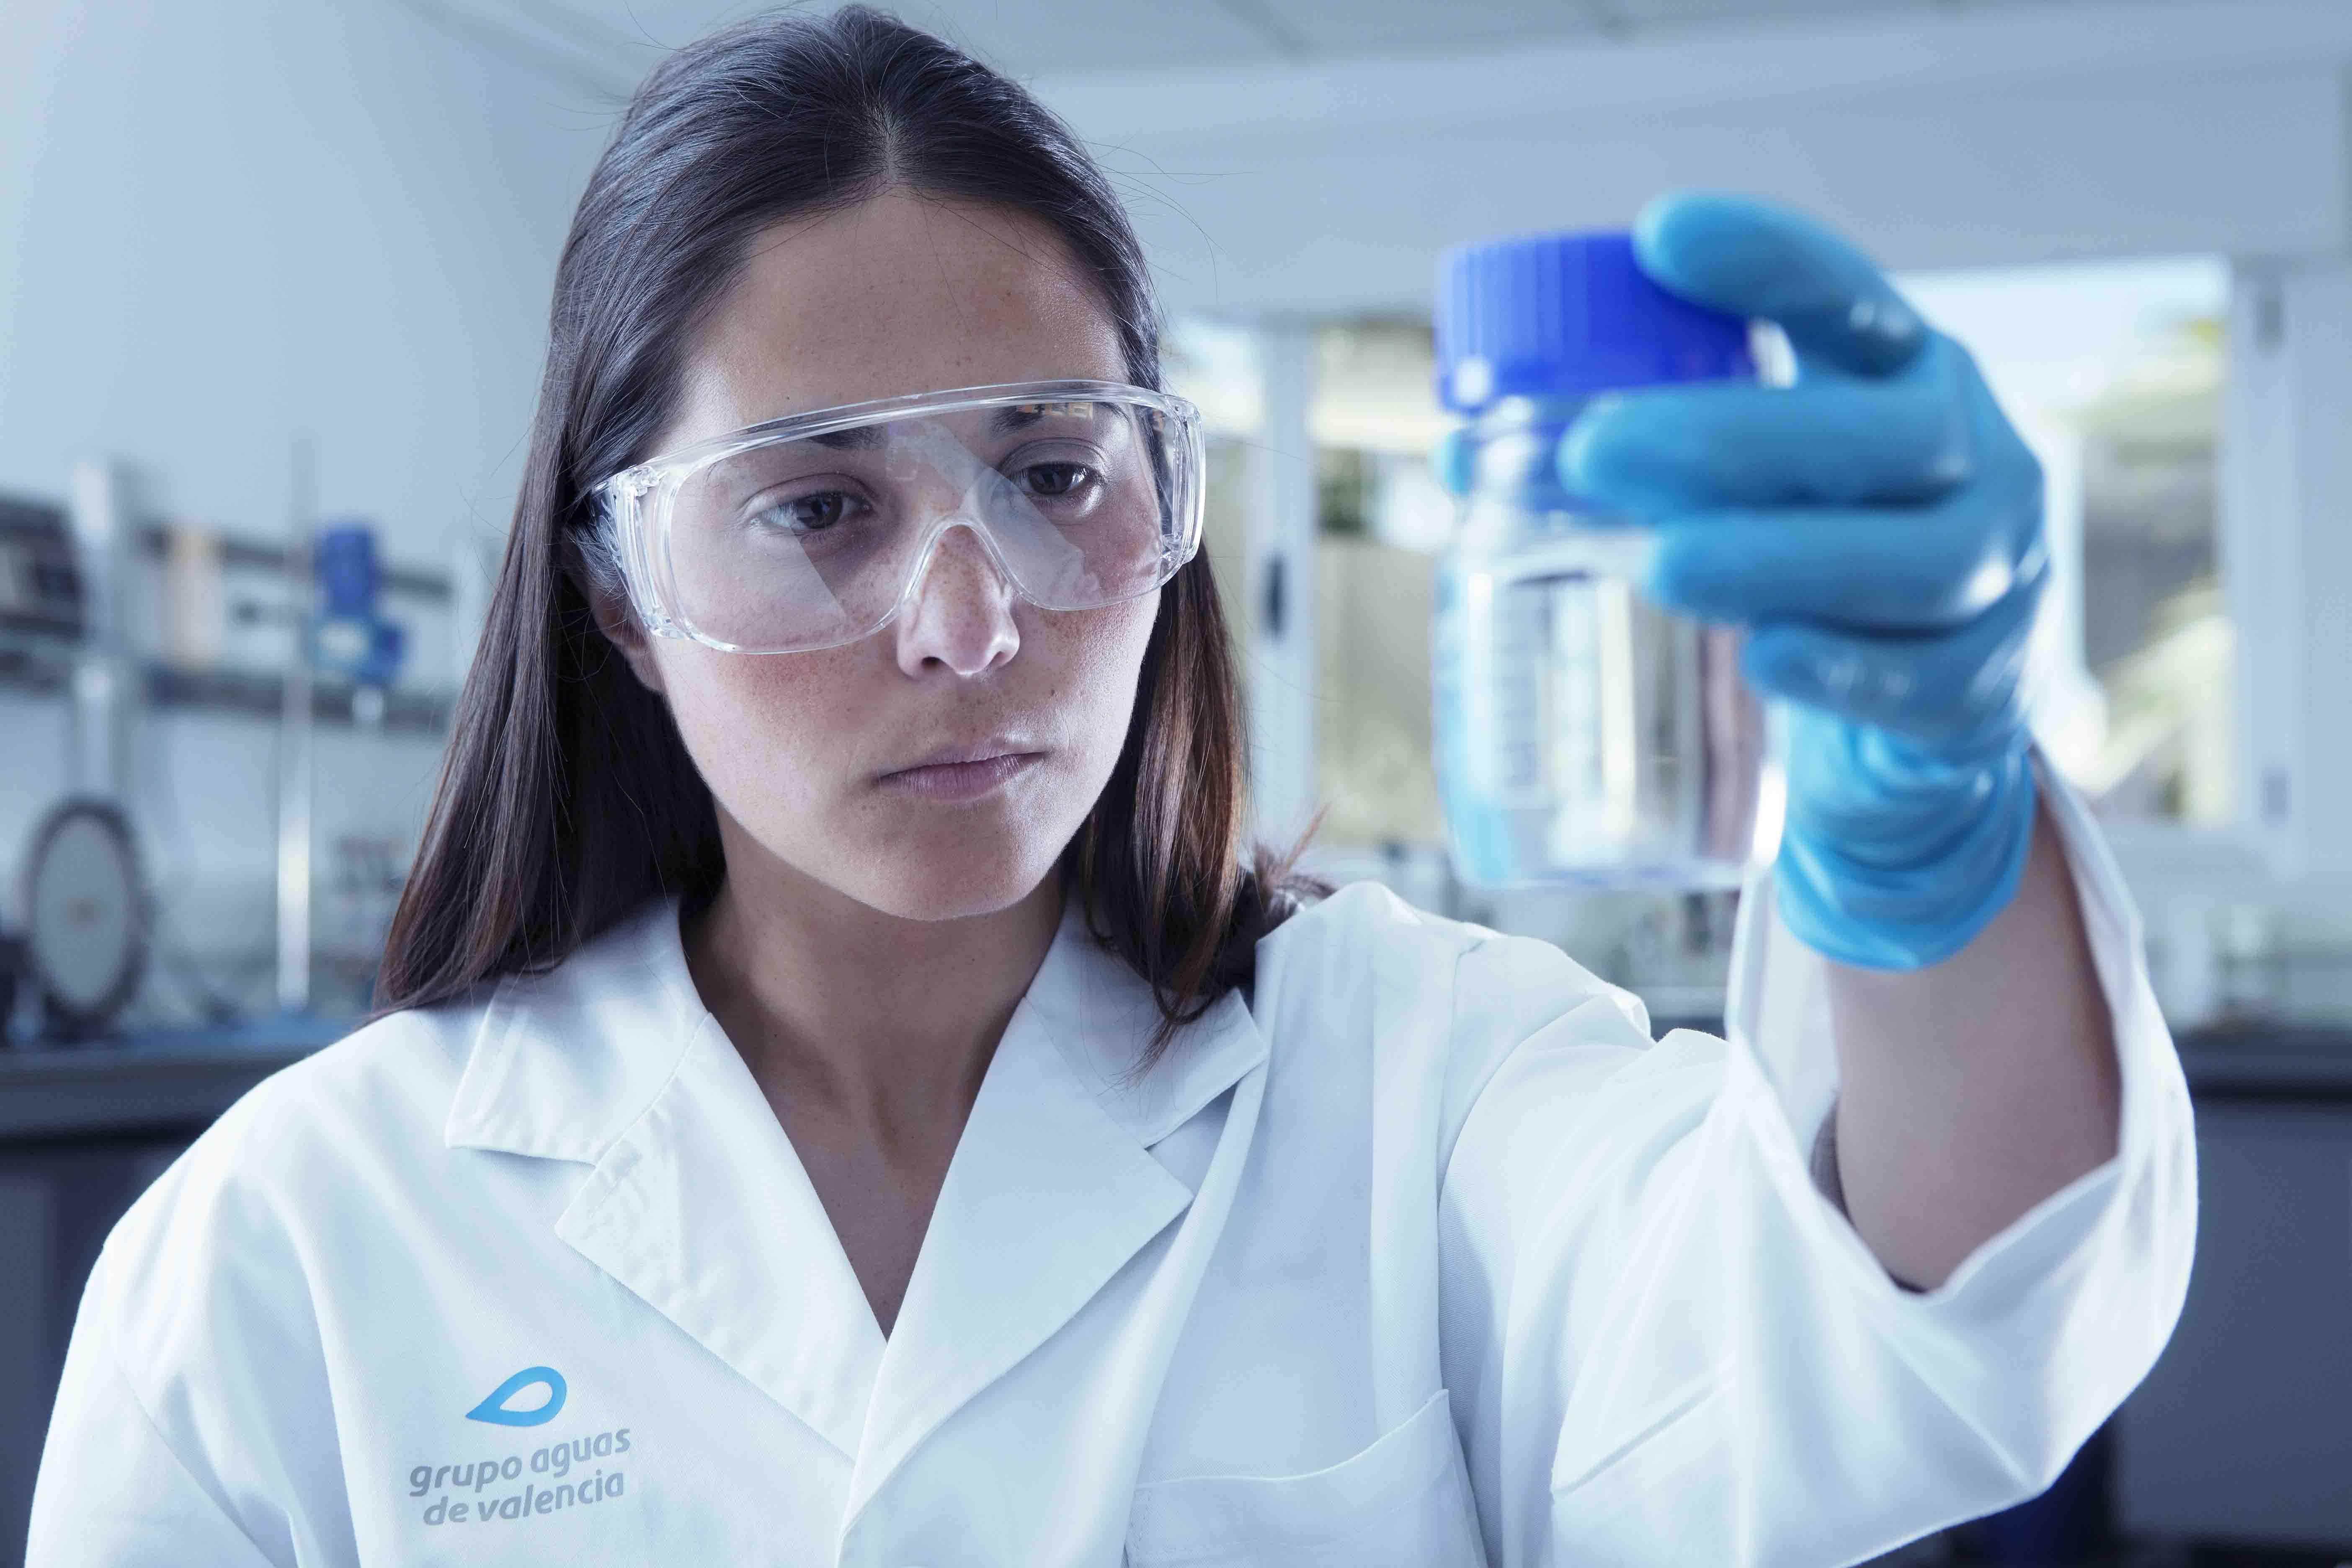 El Grupo Aguas de Valencia hará más de 15.000 controles analíticos en L'Horta para garantizar la calidad